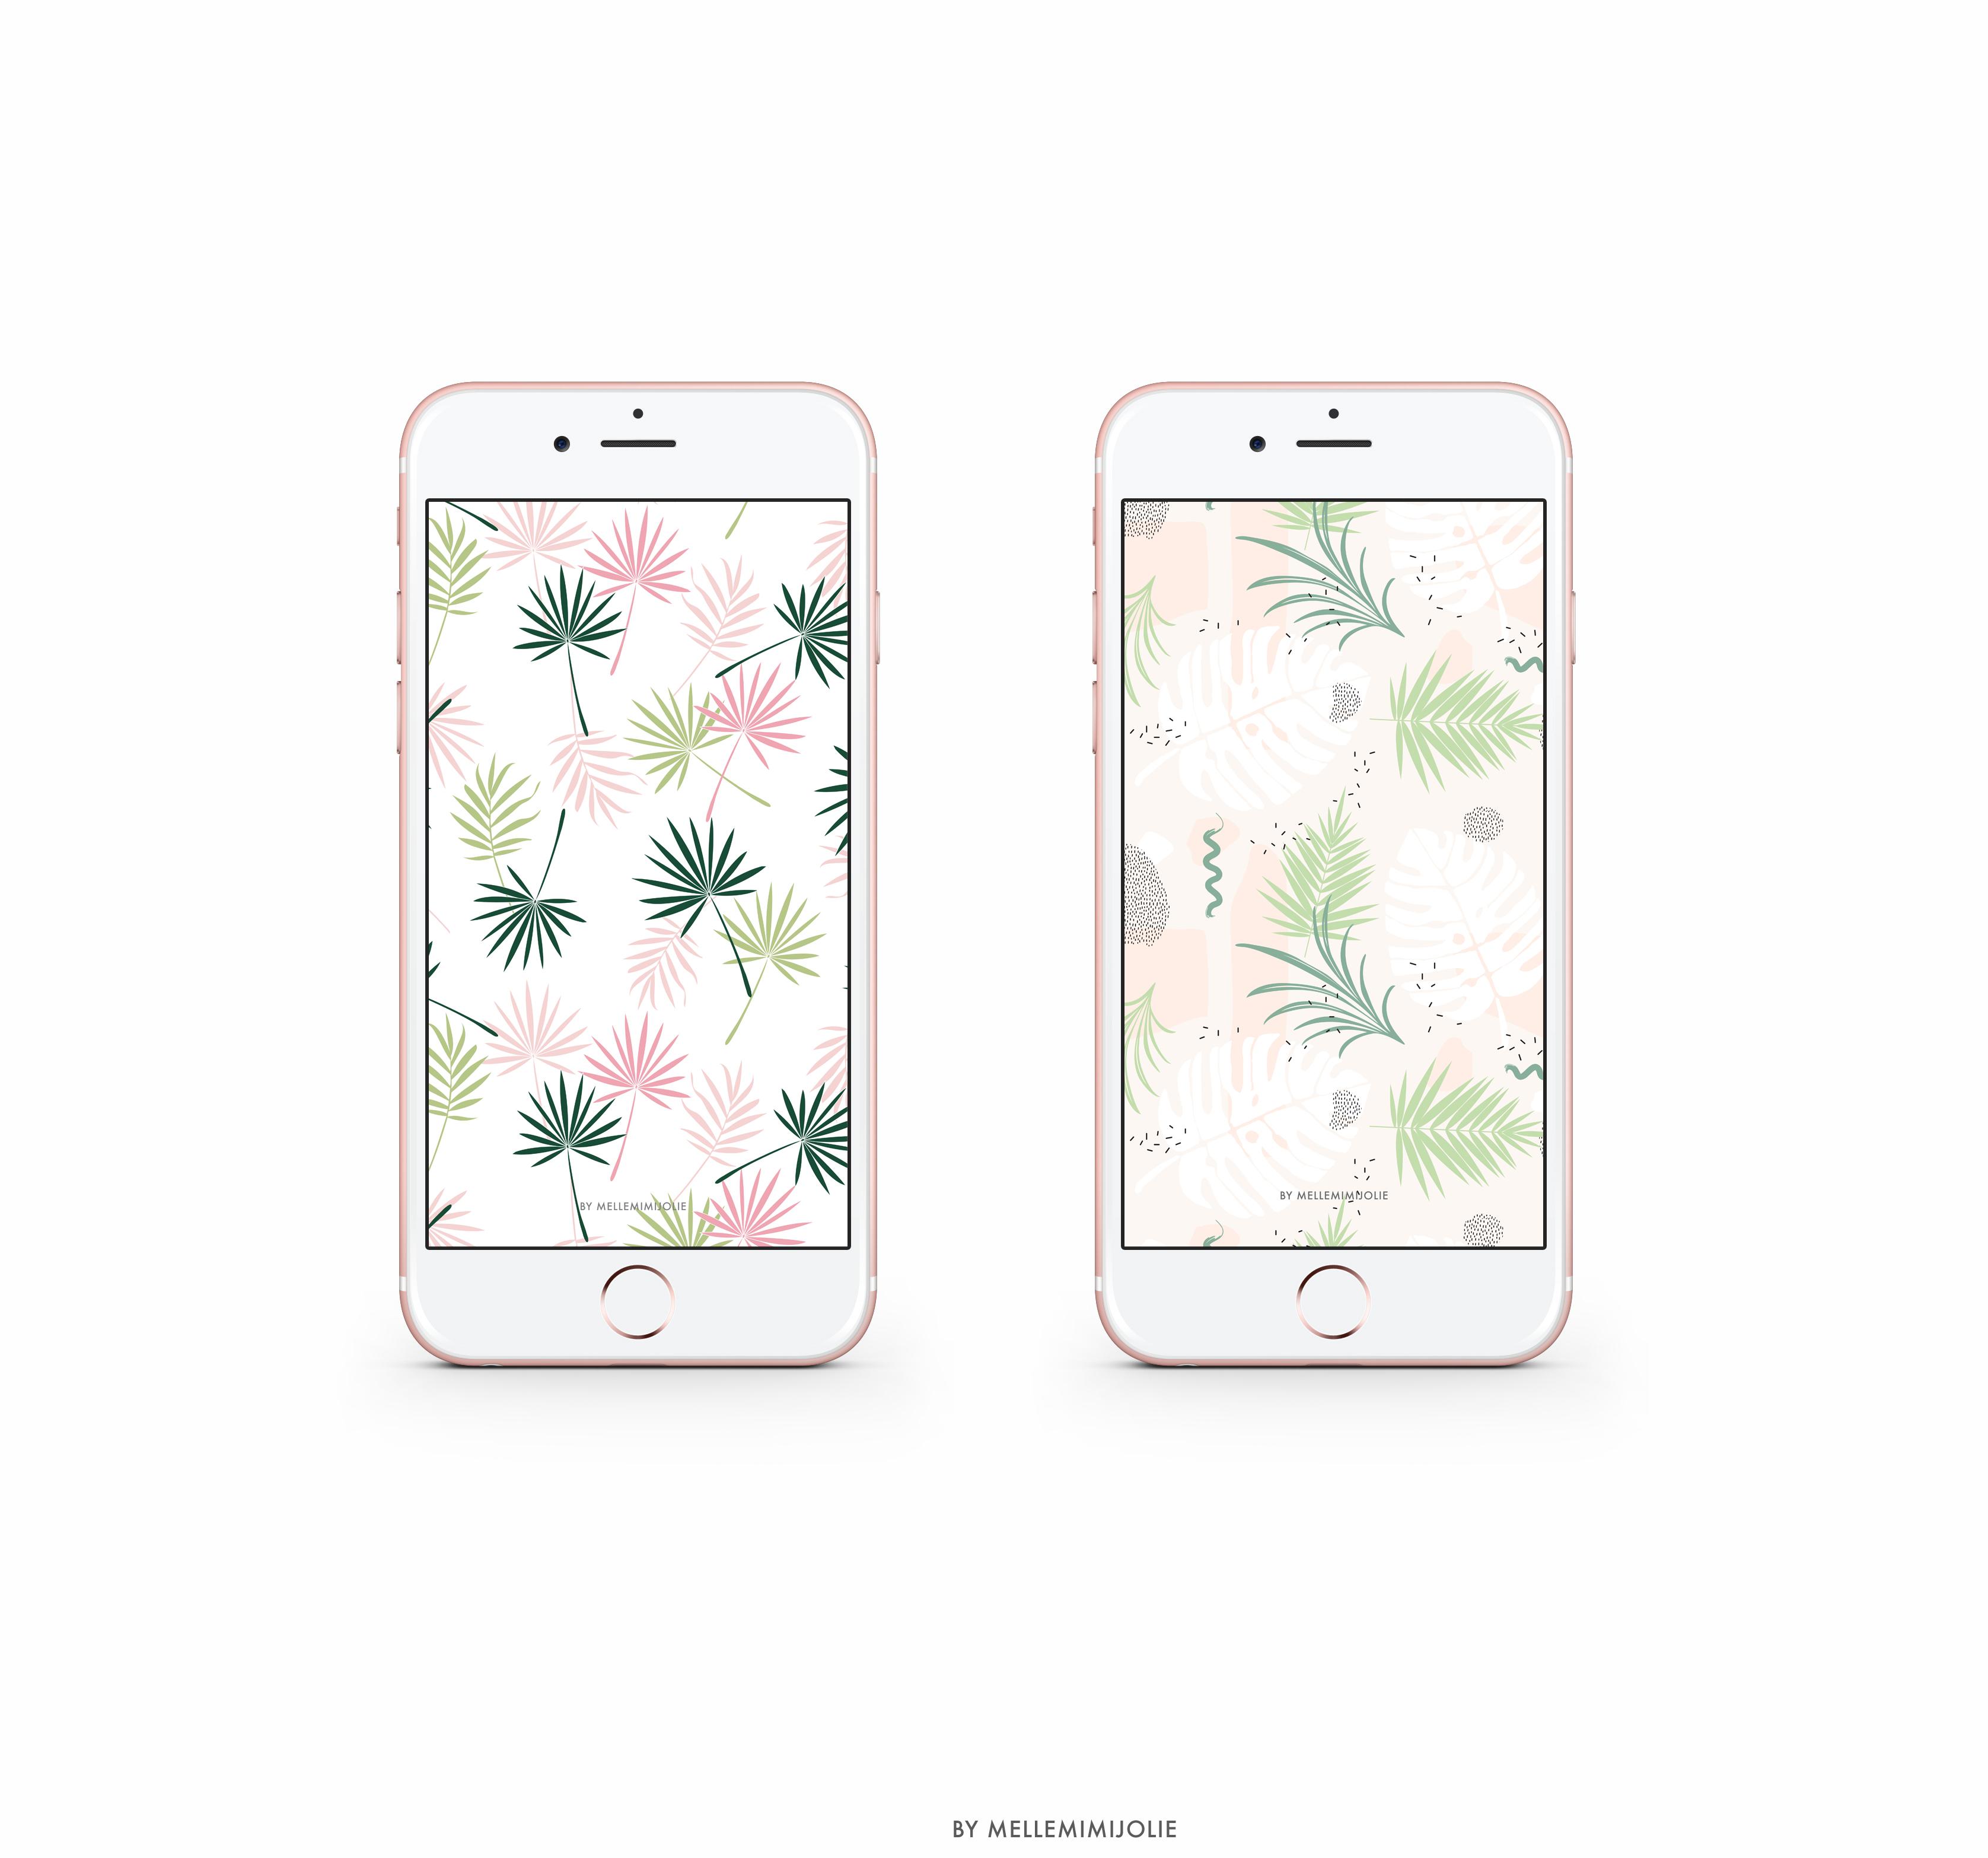 vegetal-mellemimijolie-pattern